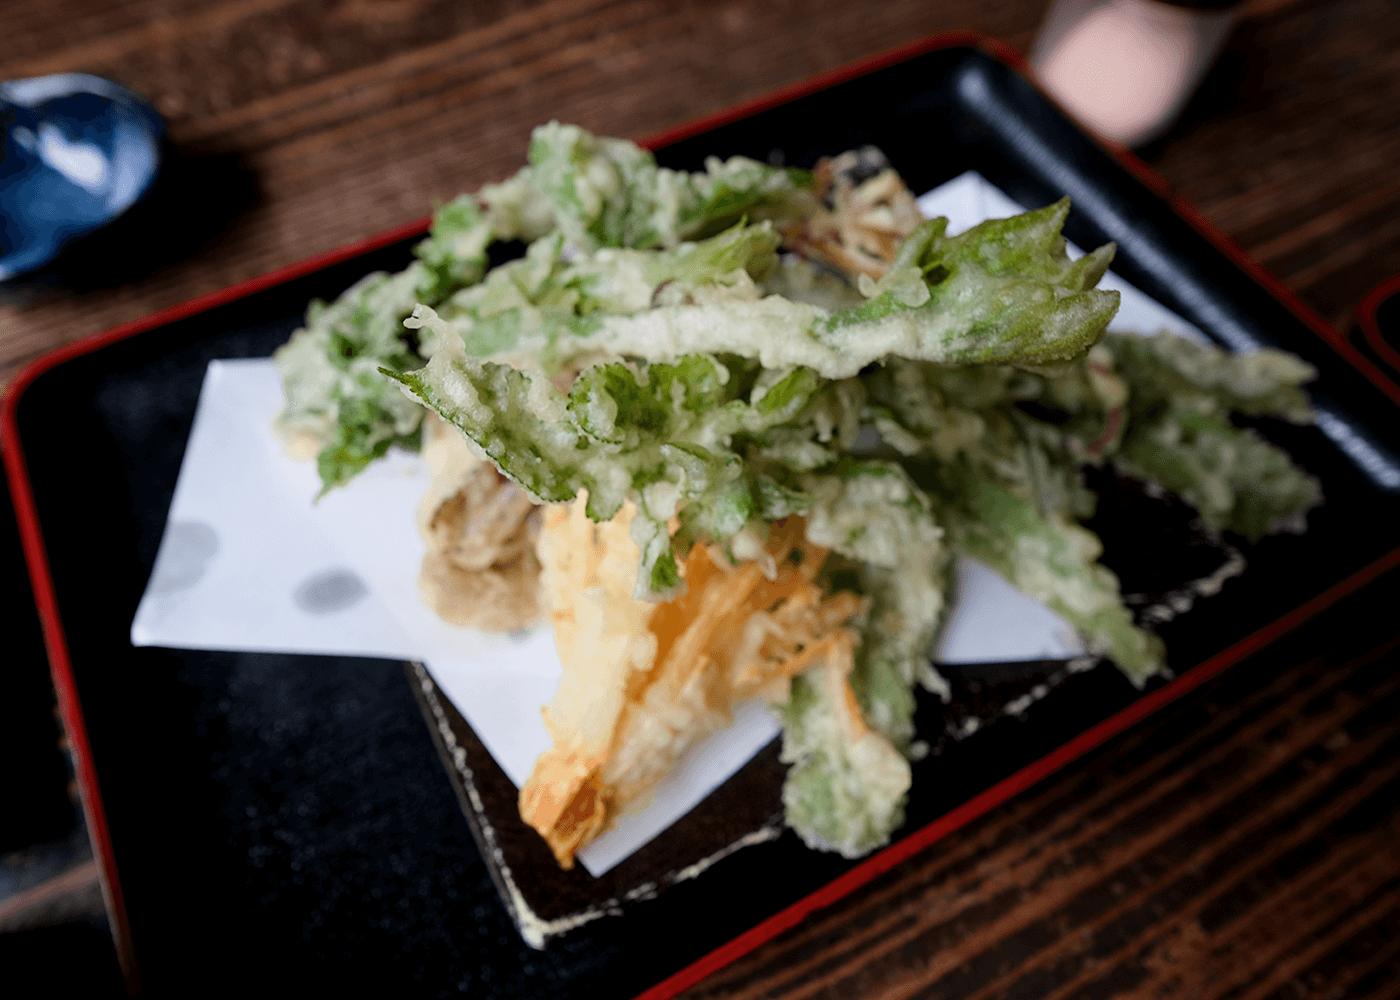 十割蕎麦 陶房とお食事処『風の庵』(大沼)